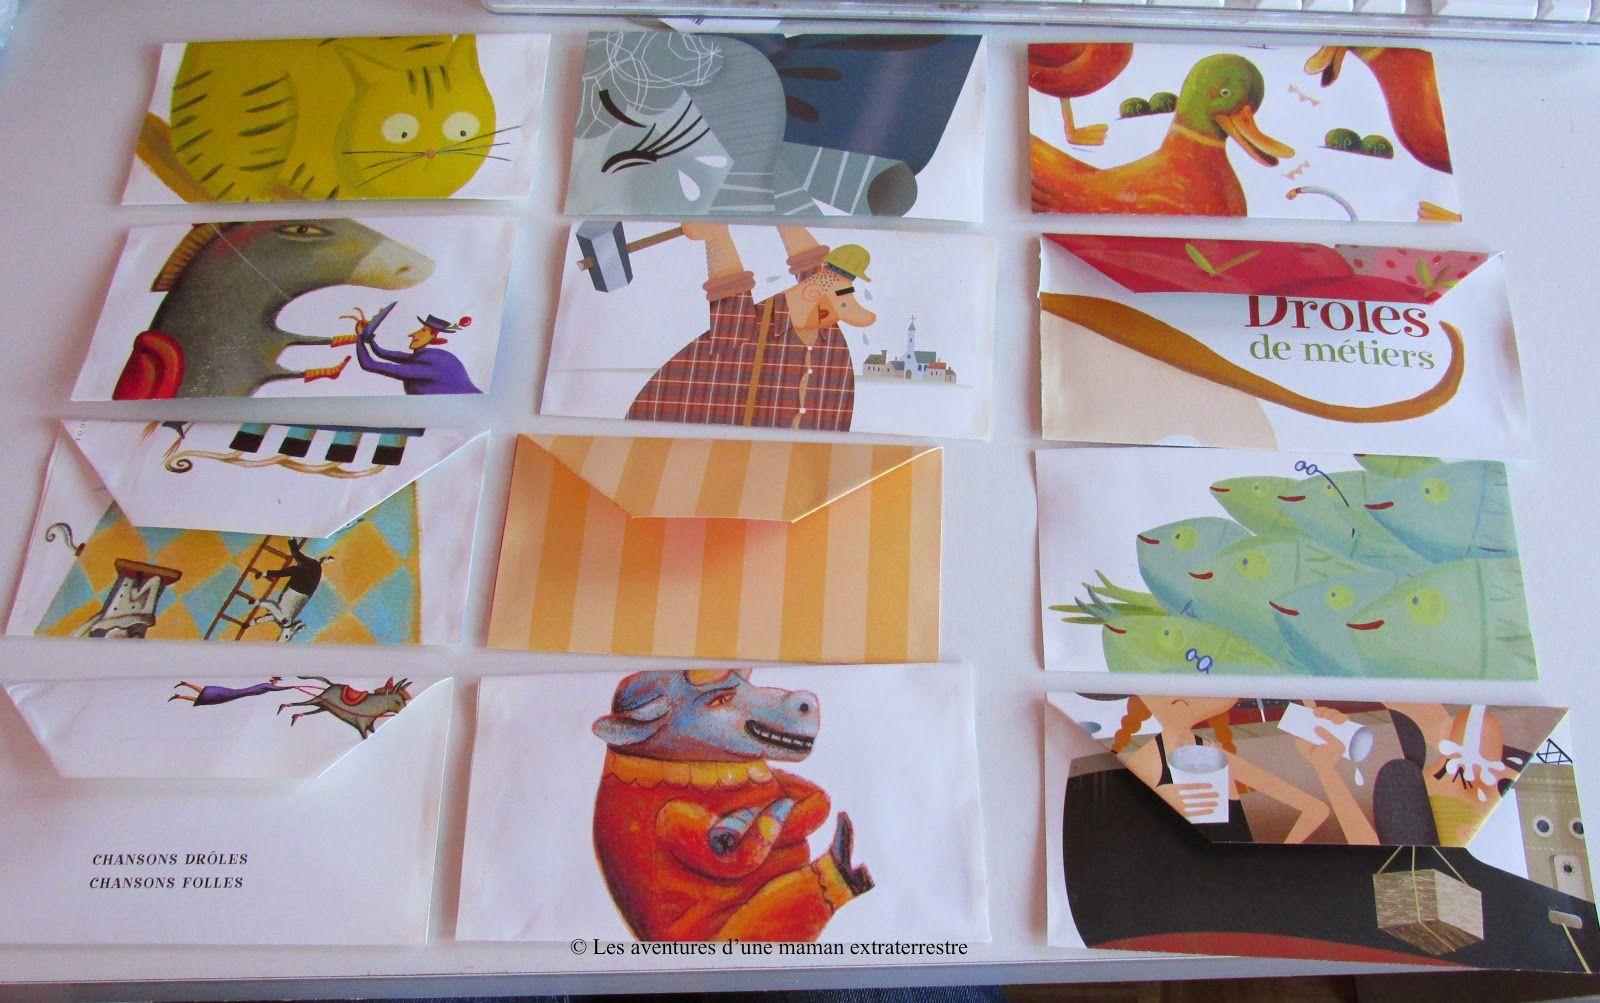 Les aventures d'une maman extraterrestre!: Recyclez vos livres d'enfants ou revues